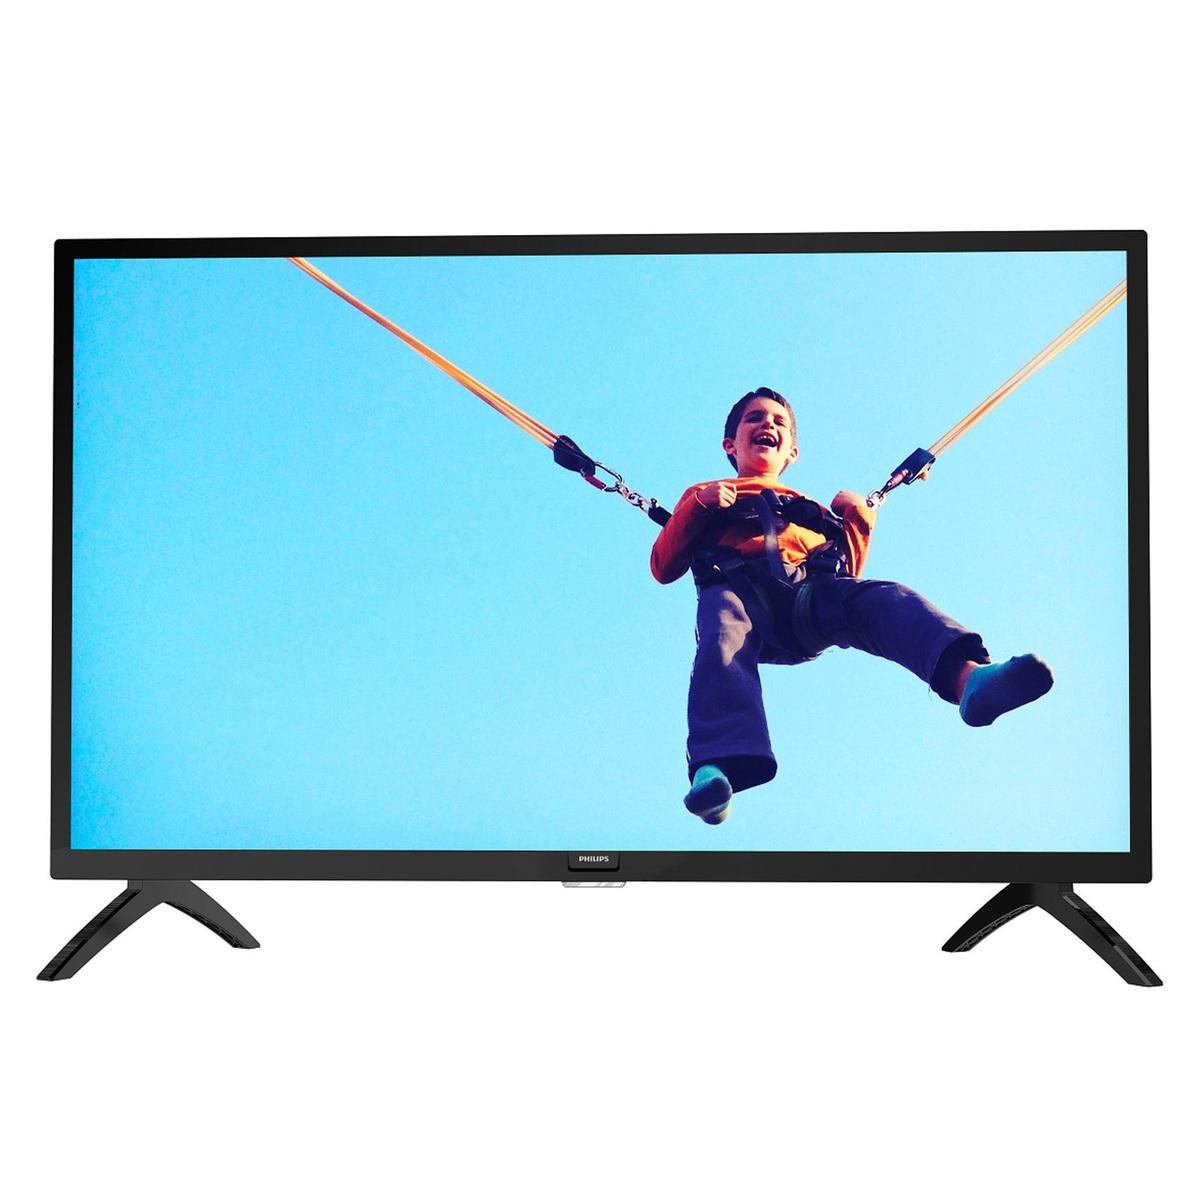 Buy Philips Full HD Smart LED TV 43PFT5853 43inch - LED TV